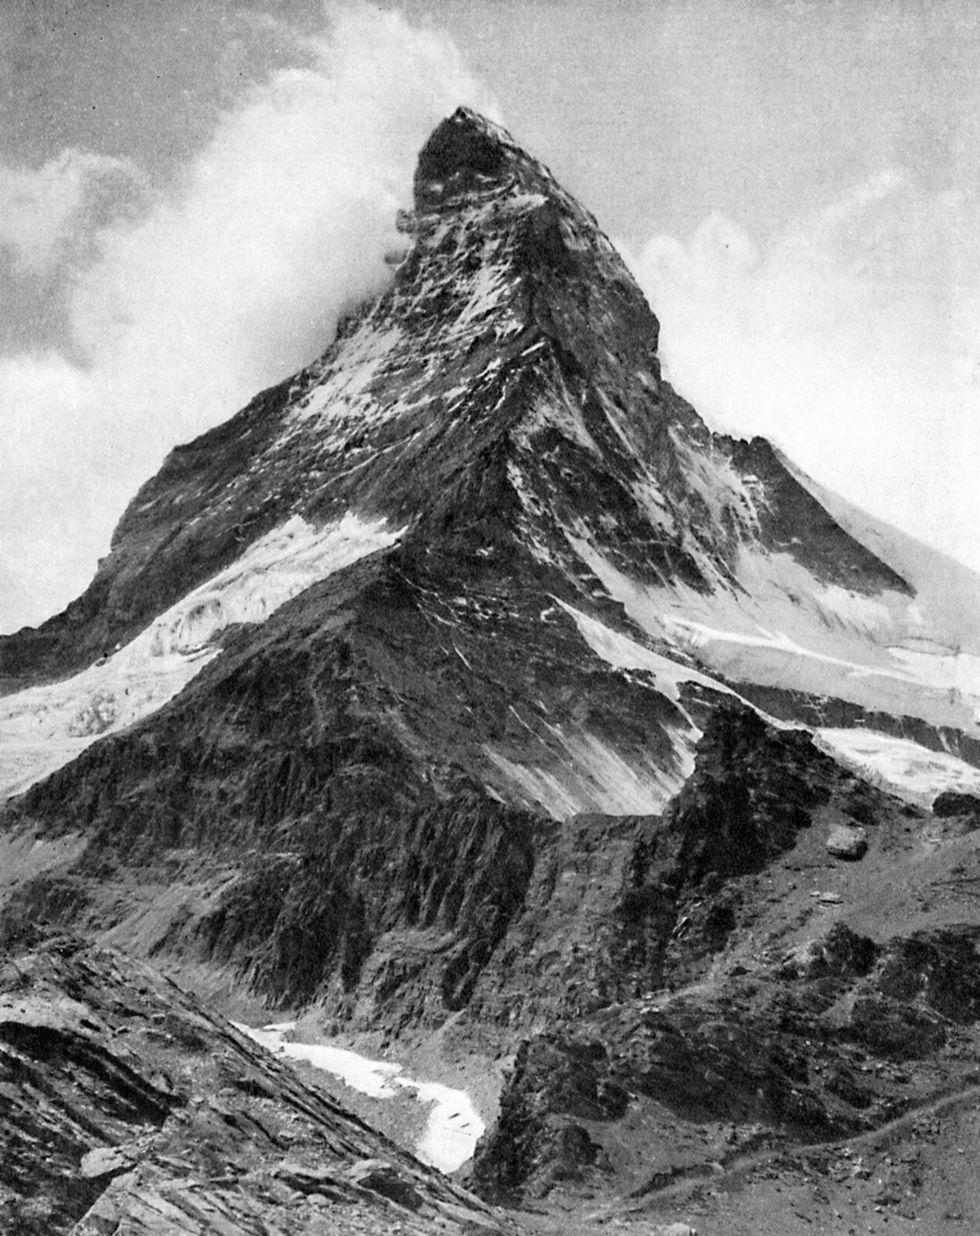 14 luglio 1865: 150 fa la corsa alla vetta del Cervino